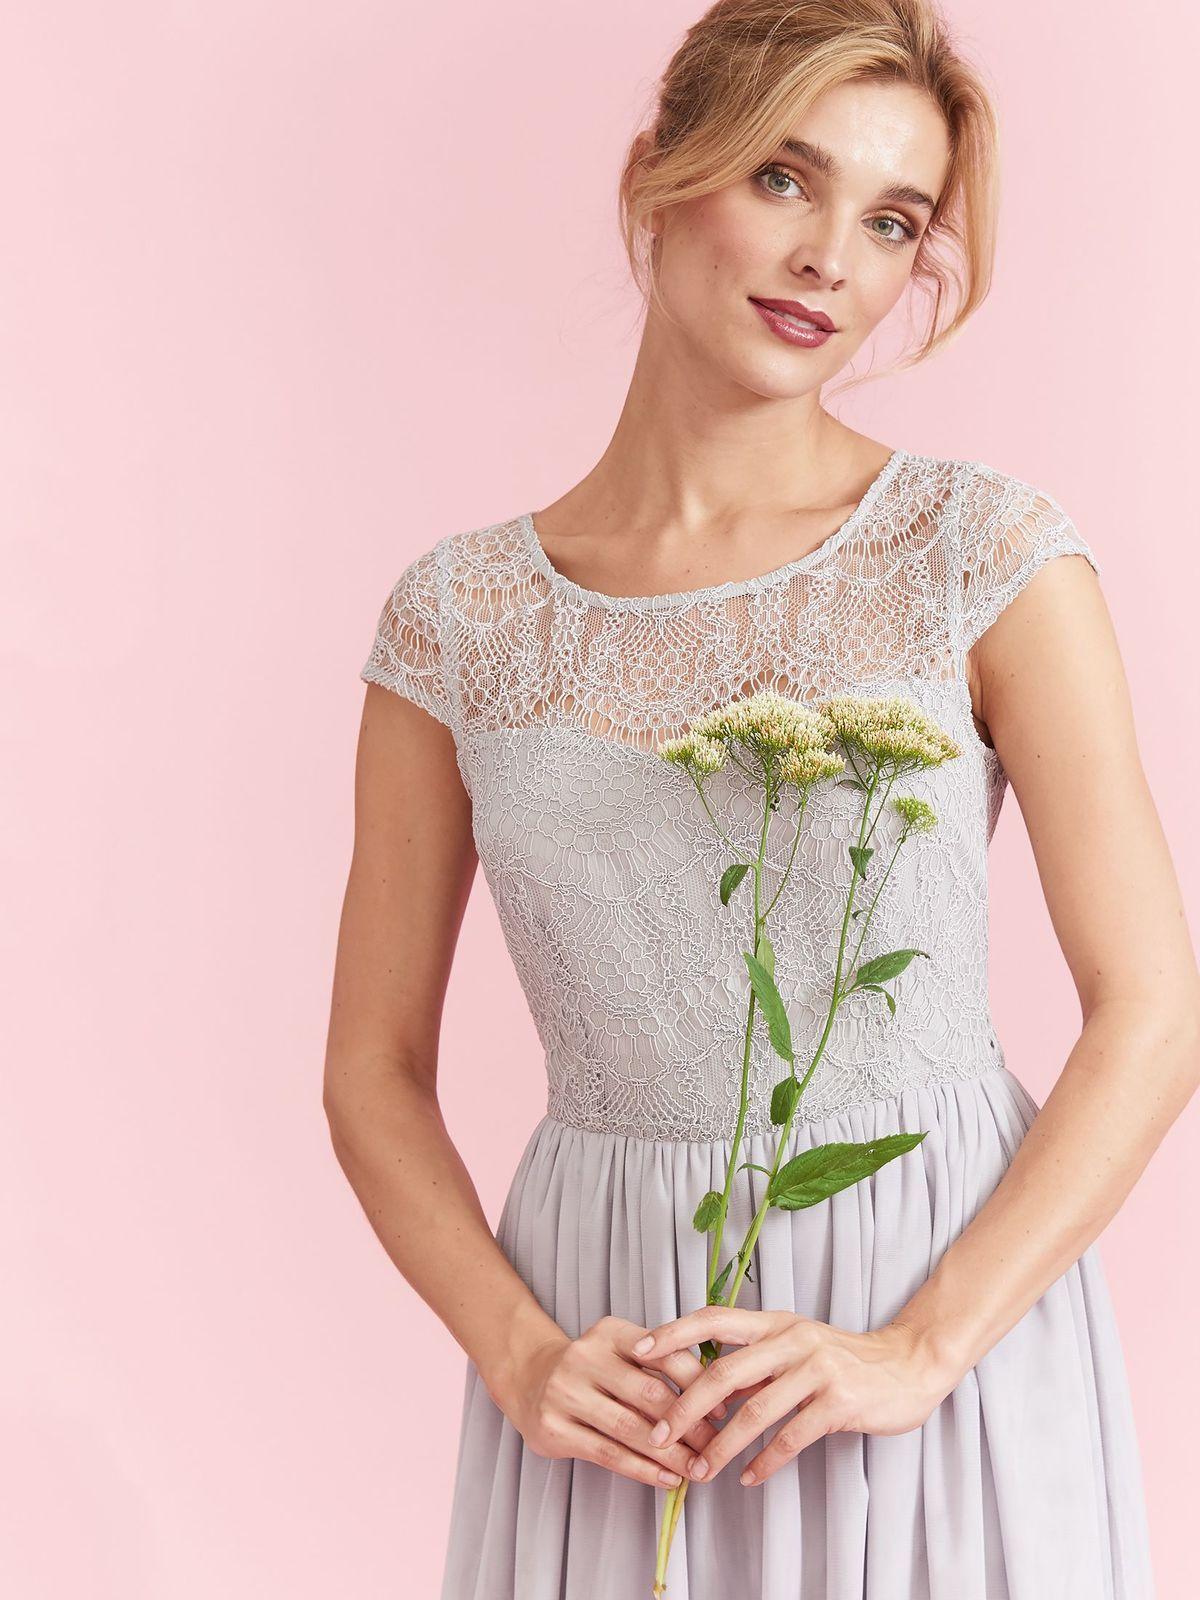 9b11dcf316 Top Secret sukienka szara na wesele koronkowa tiulowa rozkloszowana wedding  dress prom dress